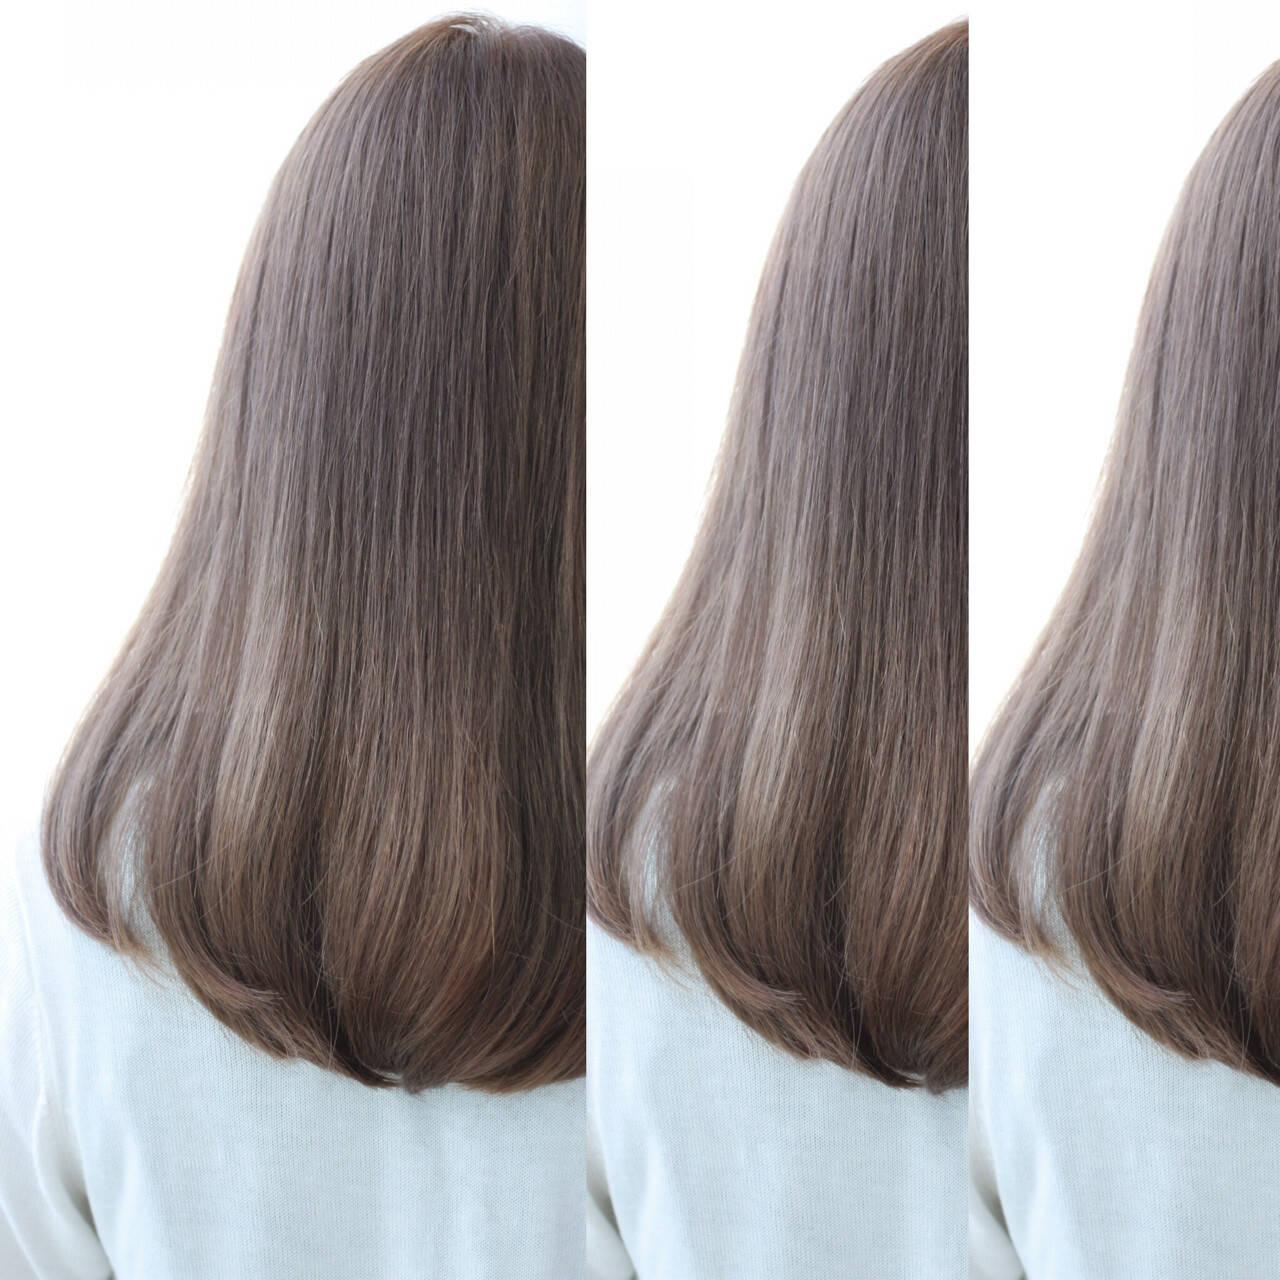 アッシュ ロング ナチュラル フェミニンヘアスタイルや髪型の写真・画像